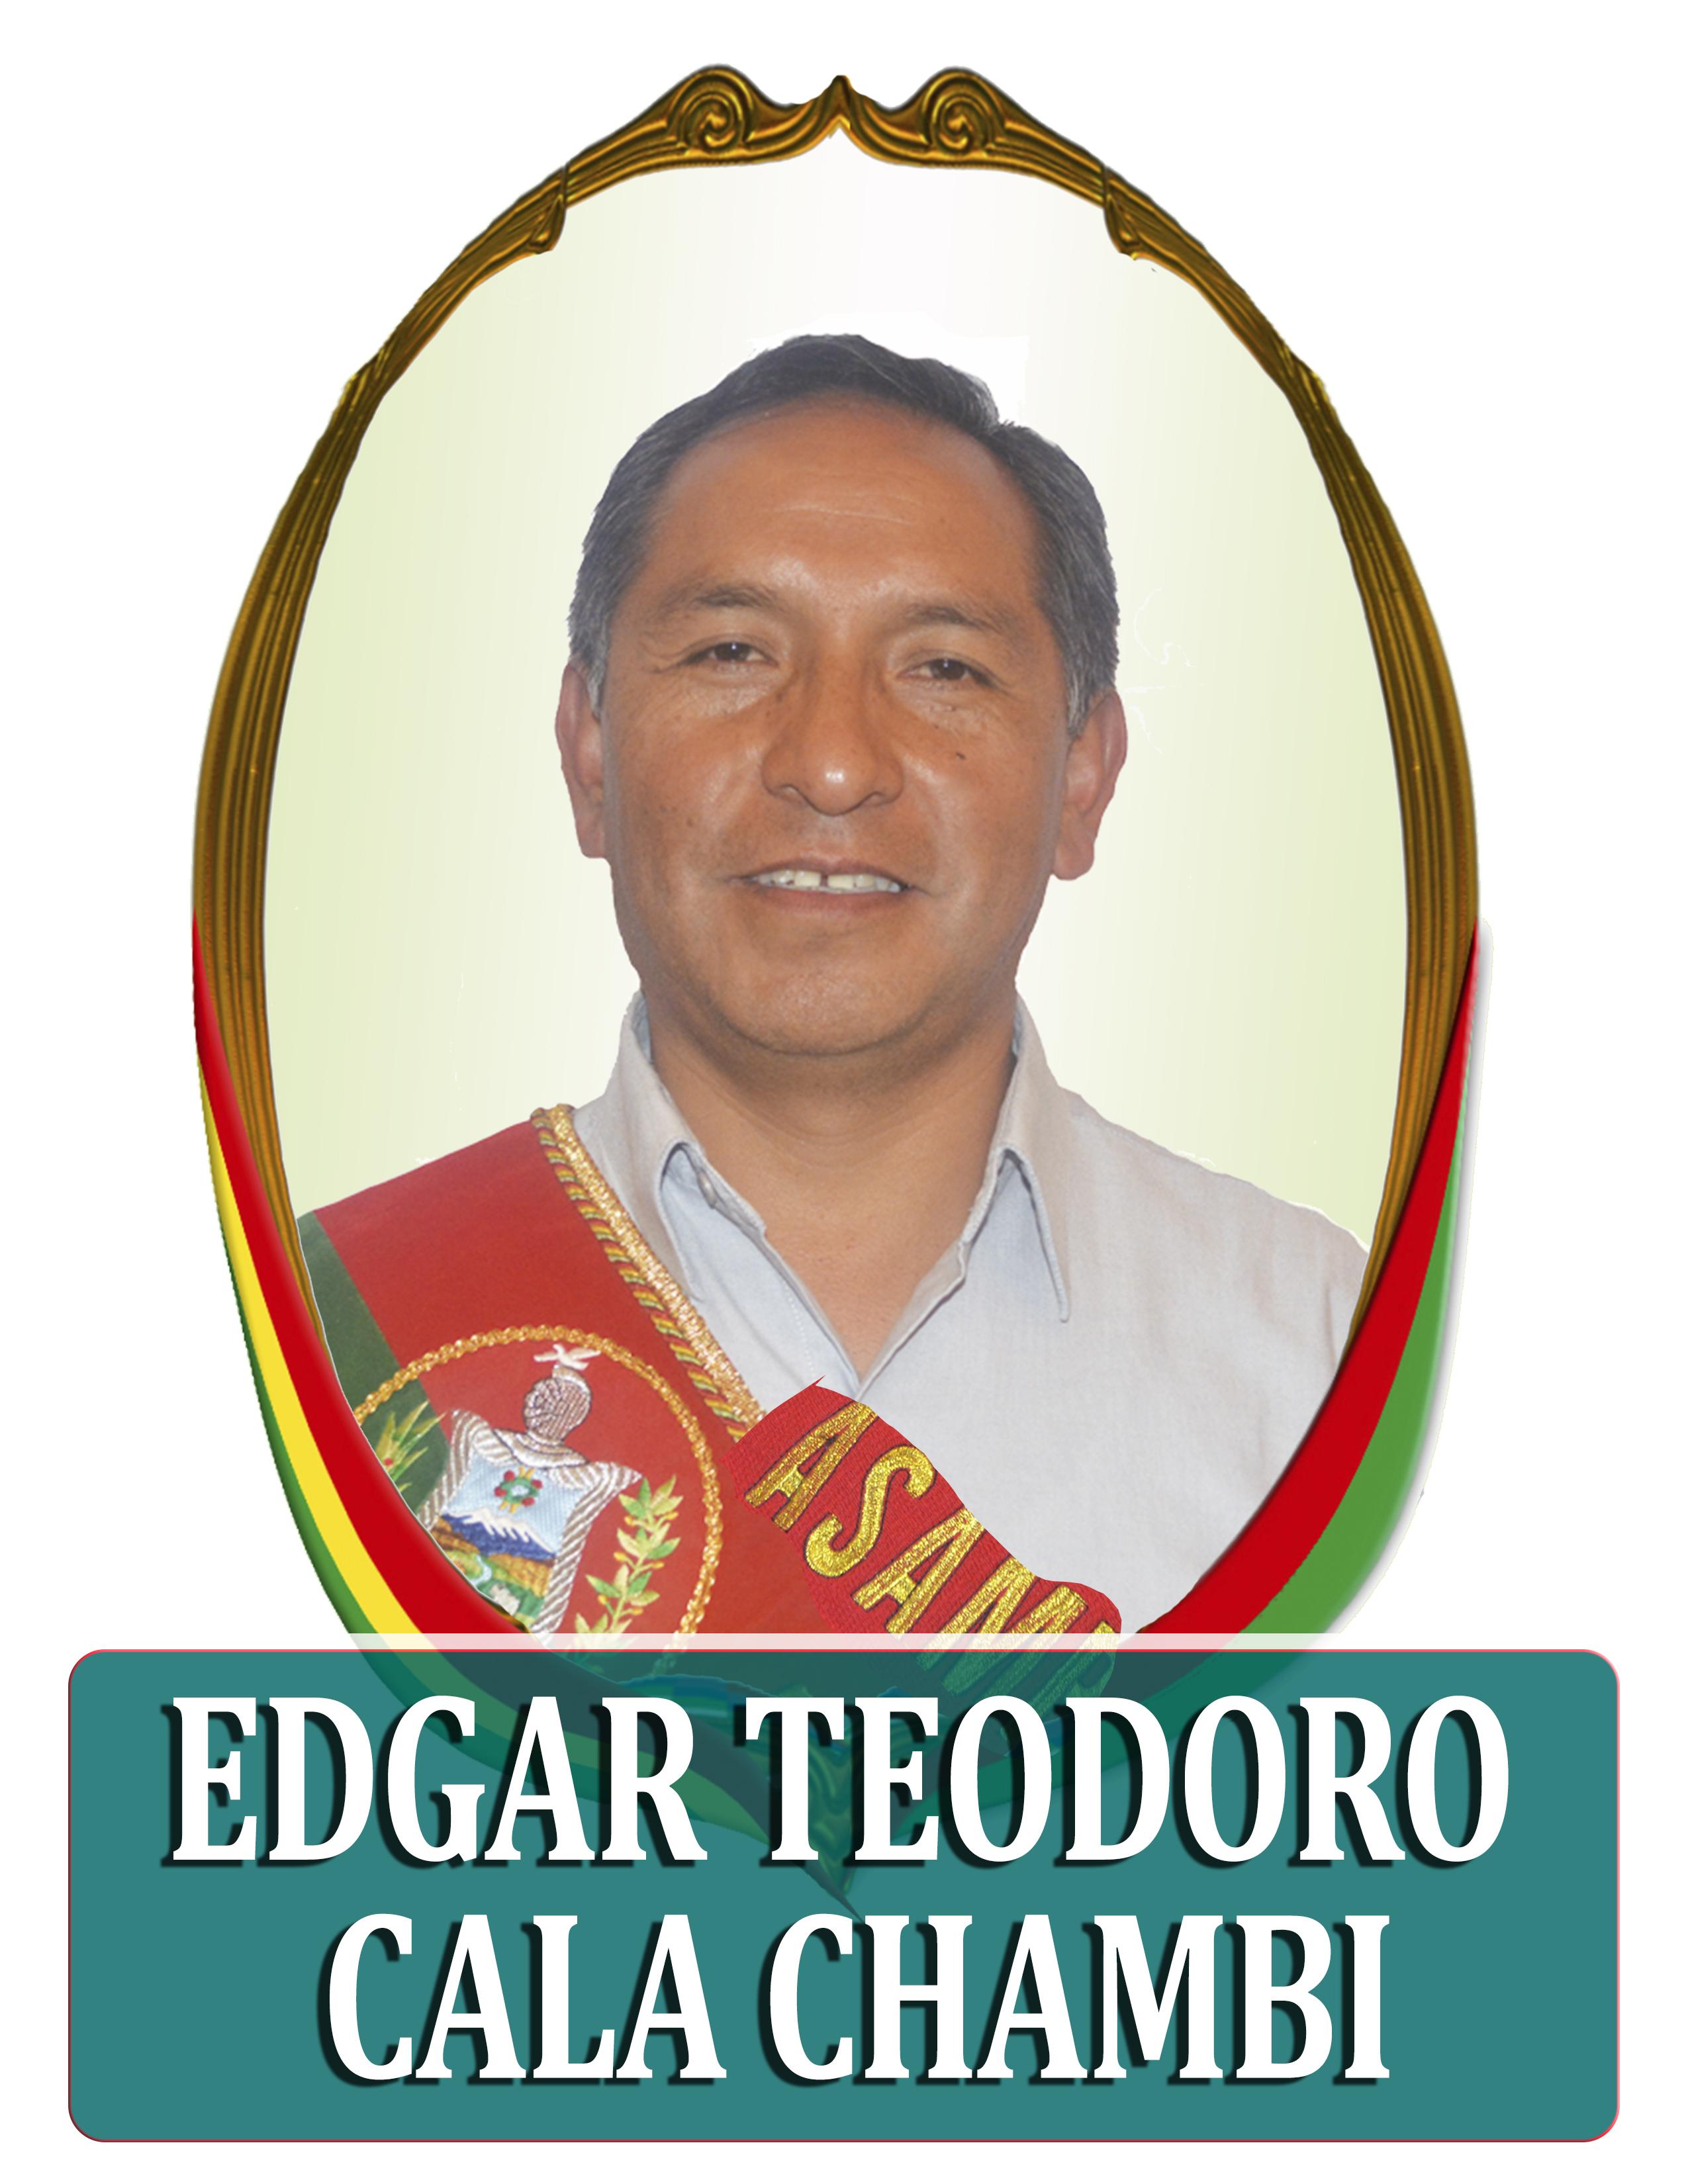 EDGAR TEODORO CALA CHAMBI